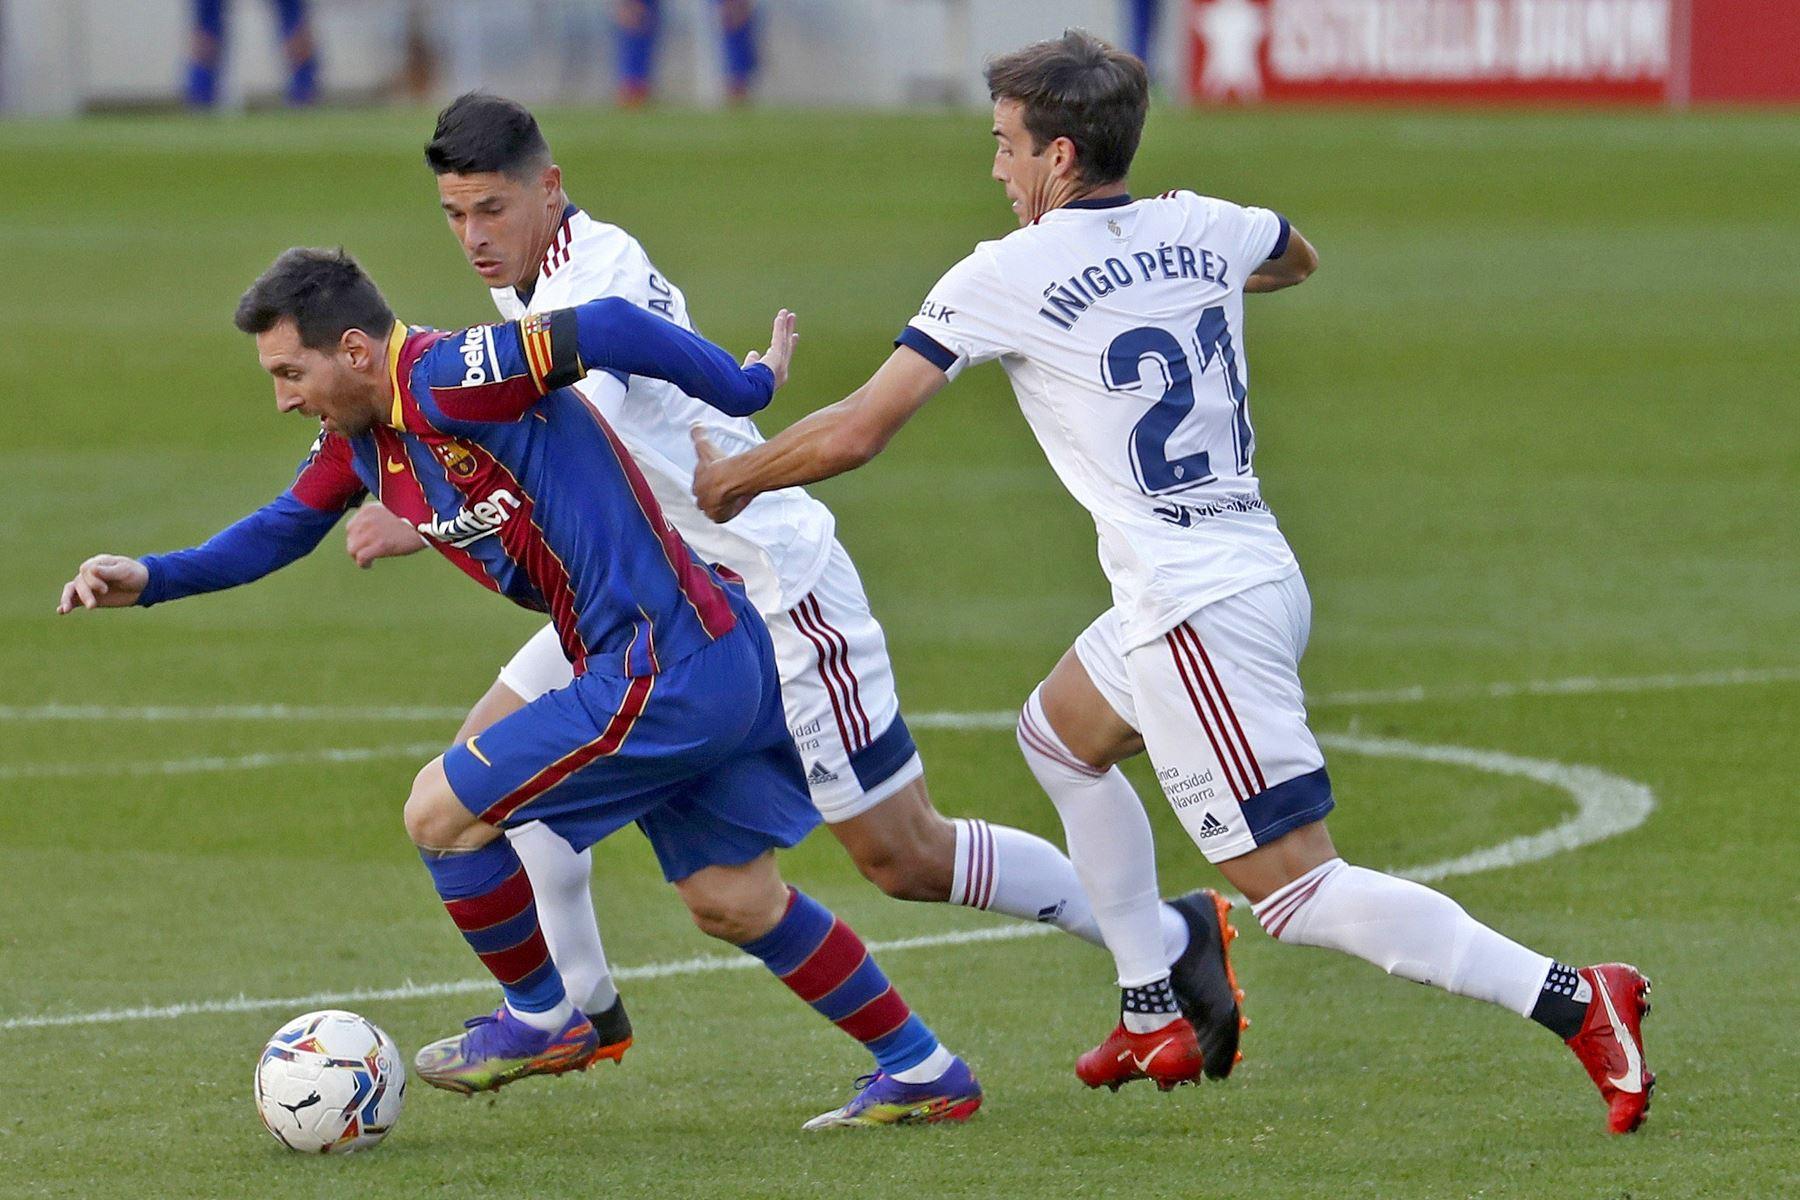 El delantero del Barcelona Leo Messi intenta controlaR el balón perseguido por Facundo Sebastián e Iñigo Pérez del Osasuna, durante el partido la Liga española en el Camp Nou. Foto: EFE